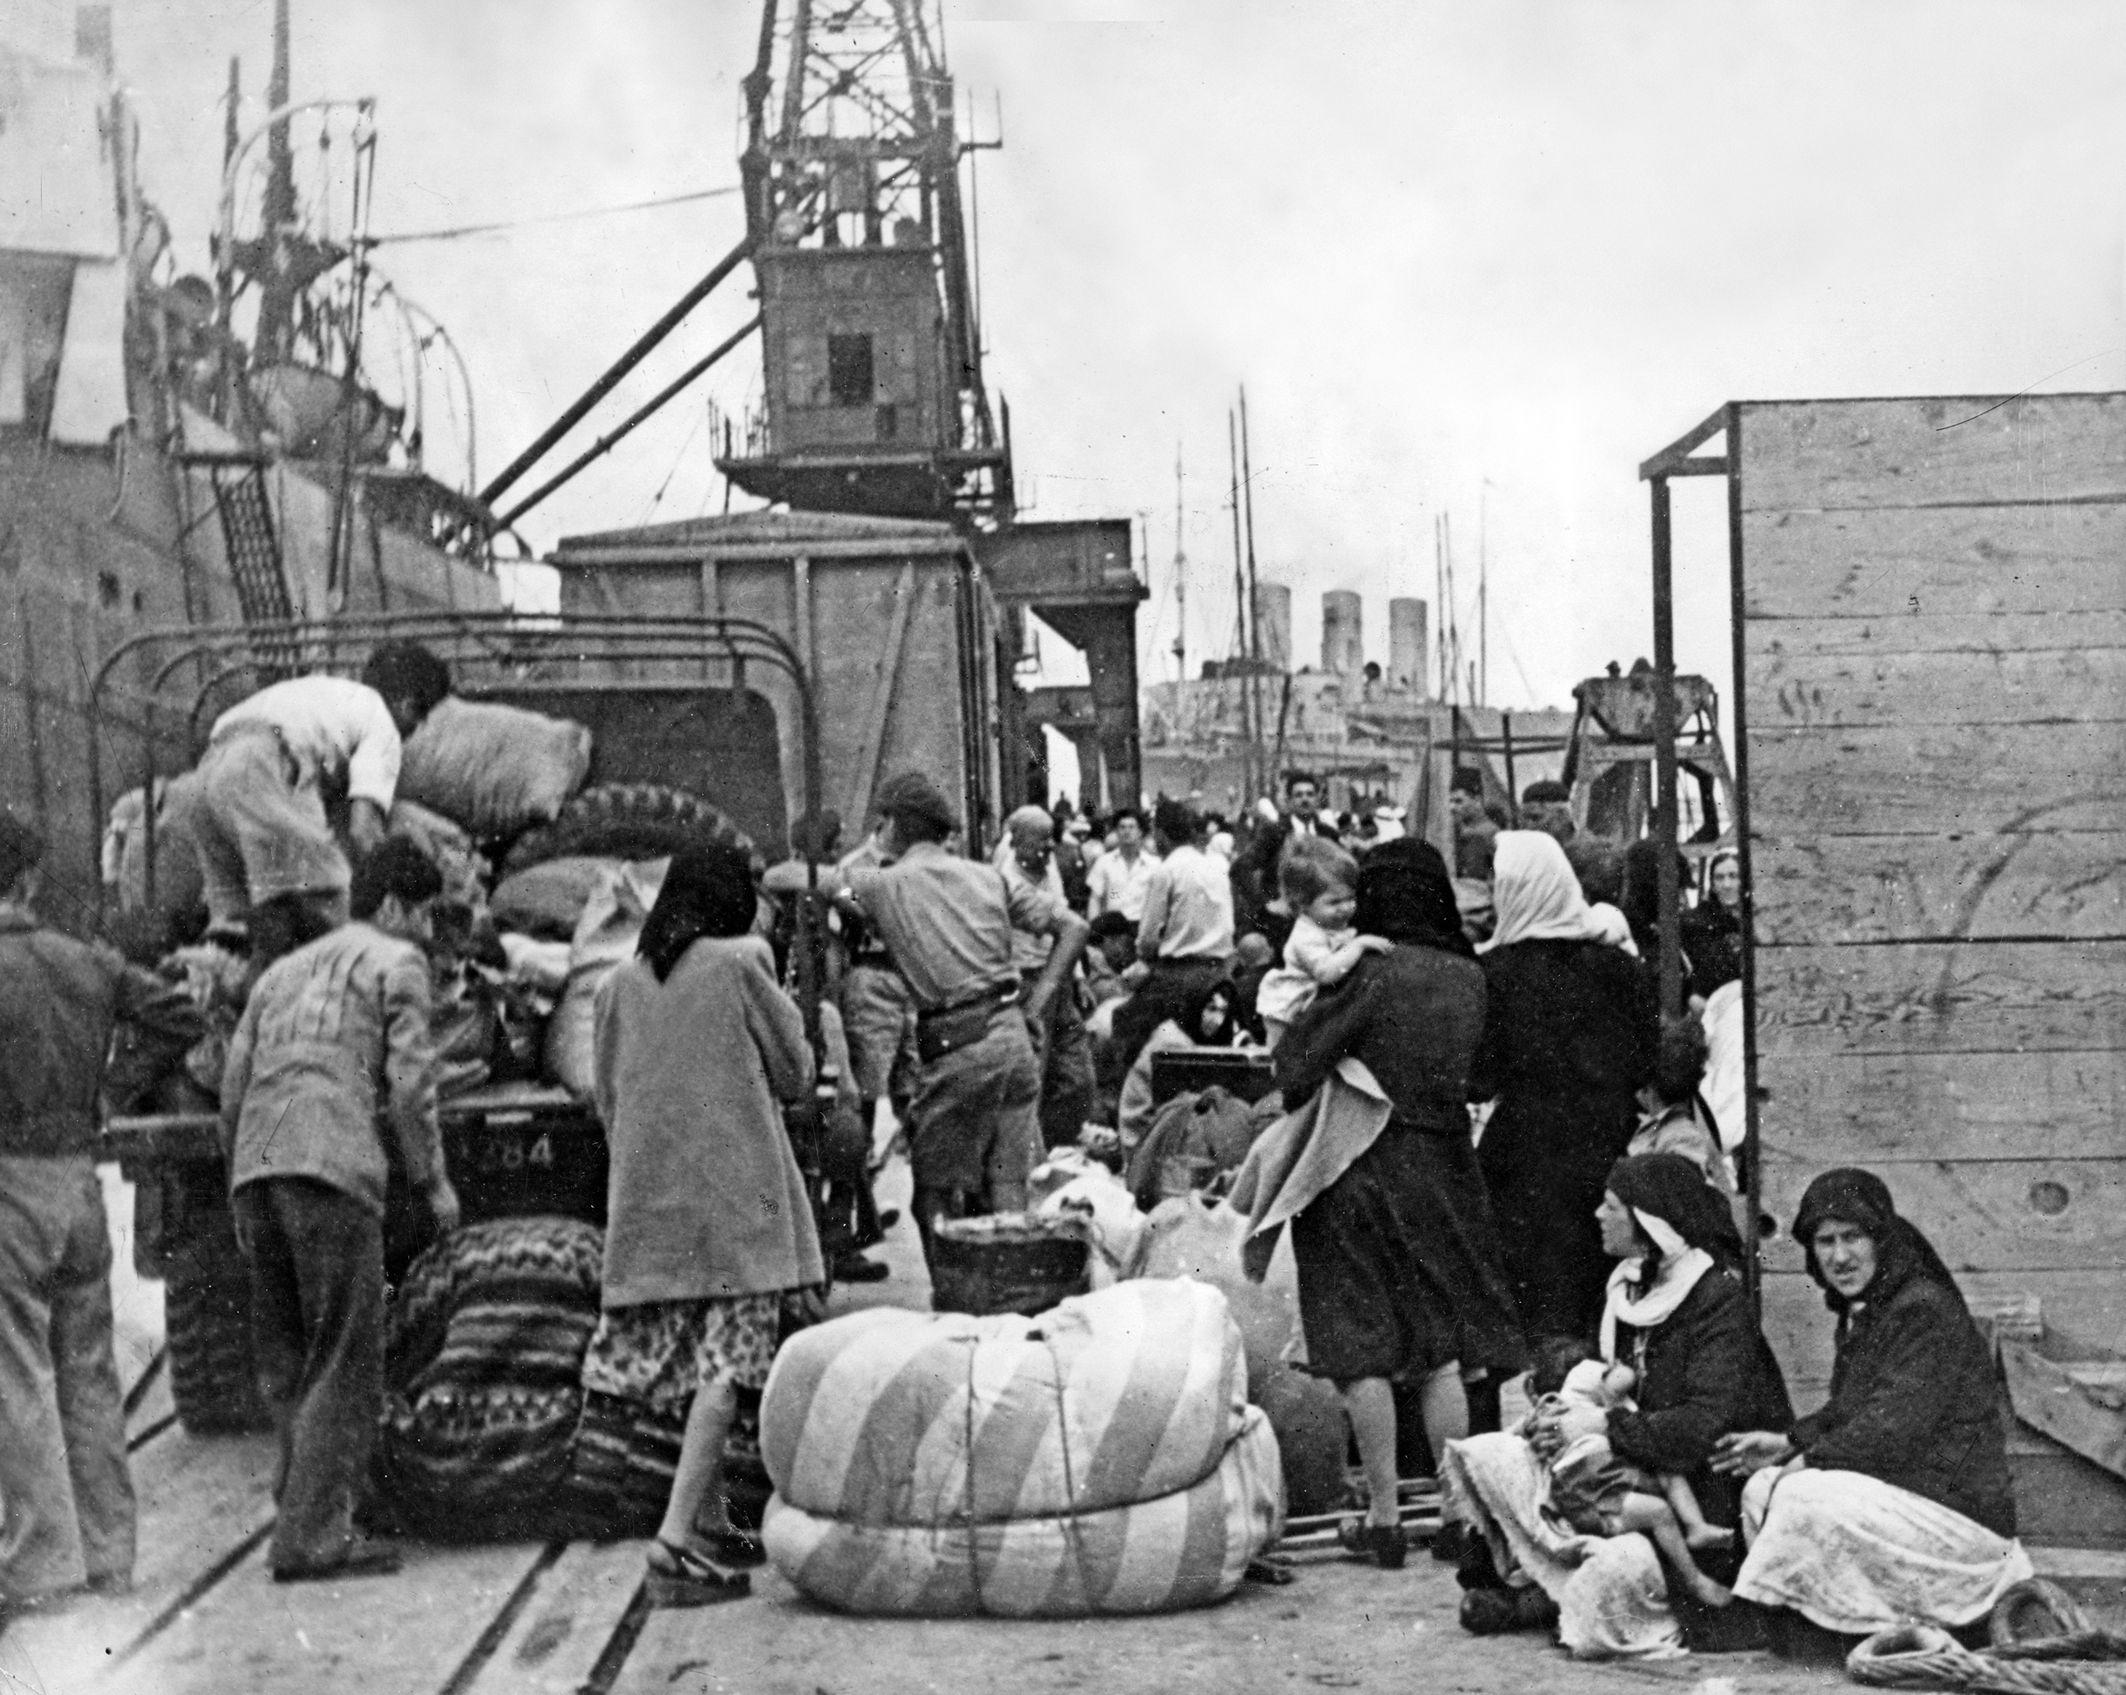 Палестинские арабы бегут через порт Хайфы во время войны за Независимость